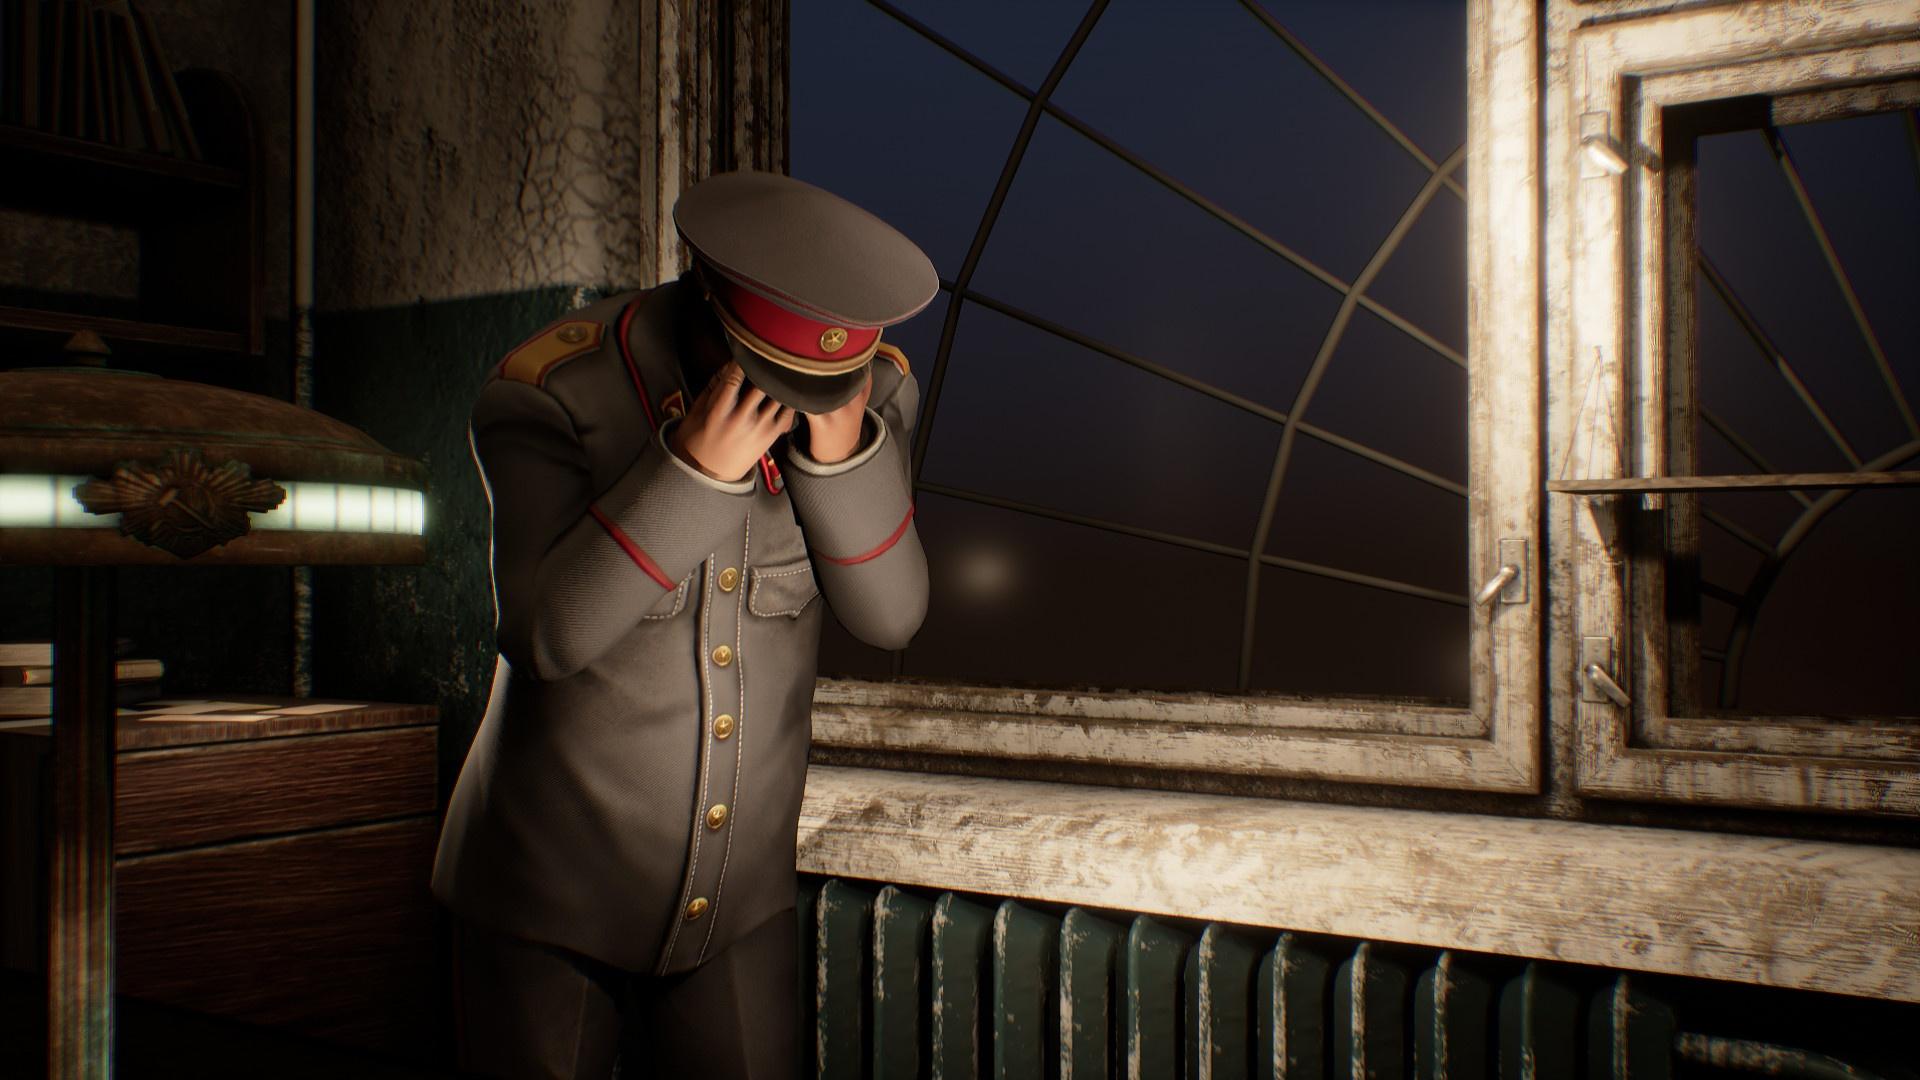 КПРФ и «Коммунисты России» призвали проверить на экстремизм игру Sex with Stalin